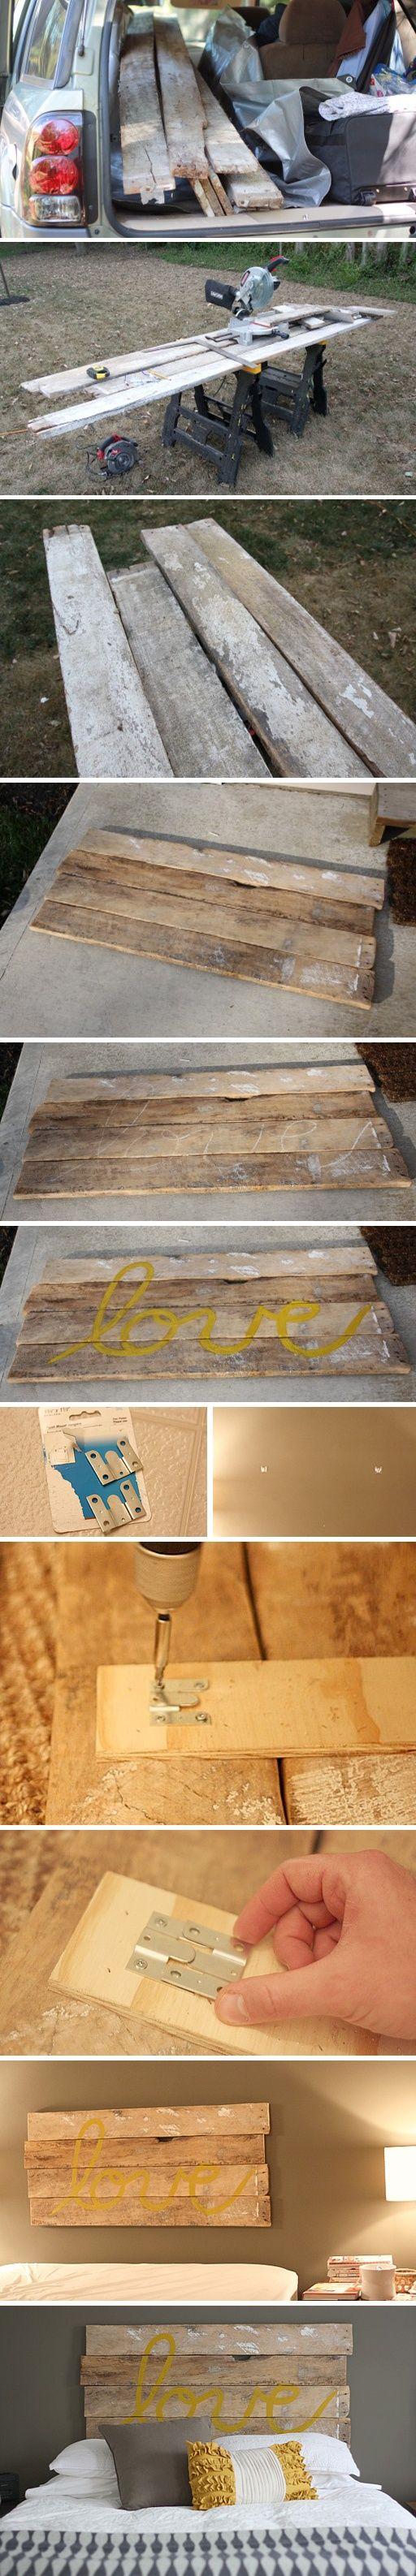 Fabriquer une t te de lit vieilles cl tures design et planches de palettes - Fabriquer lit palette ...